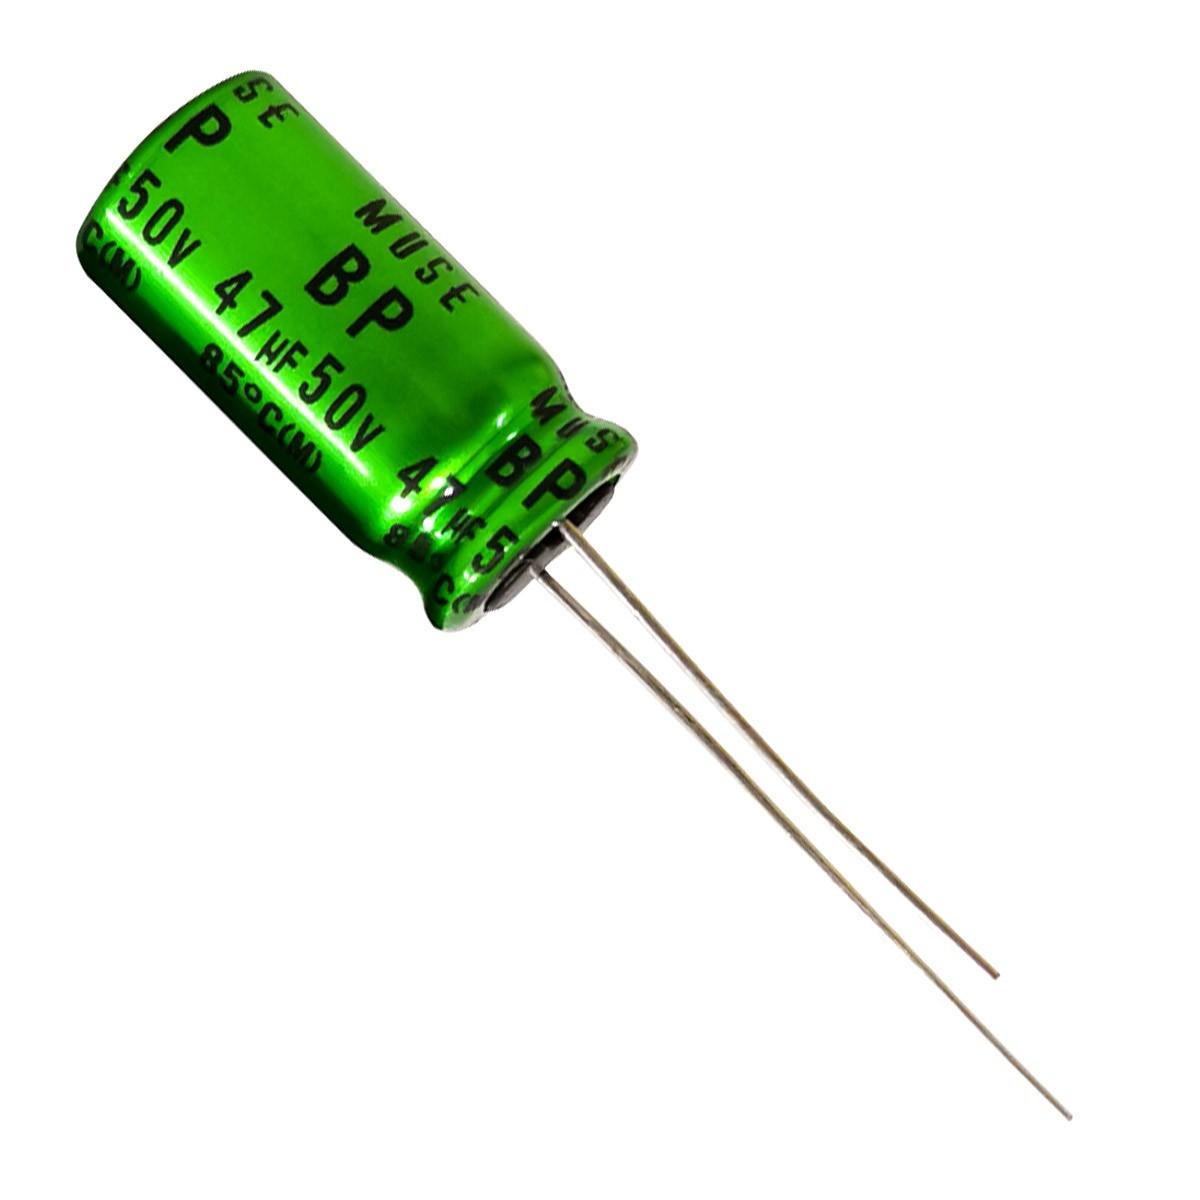 NICHICON ES MUSE HiFi Audio Capacitor 35V 33μF